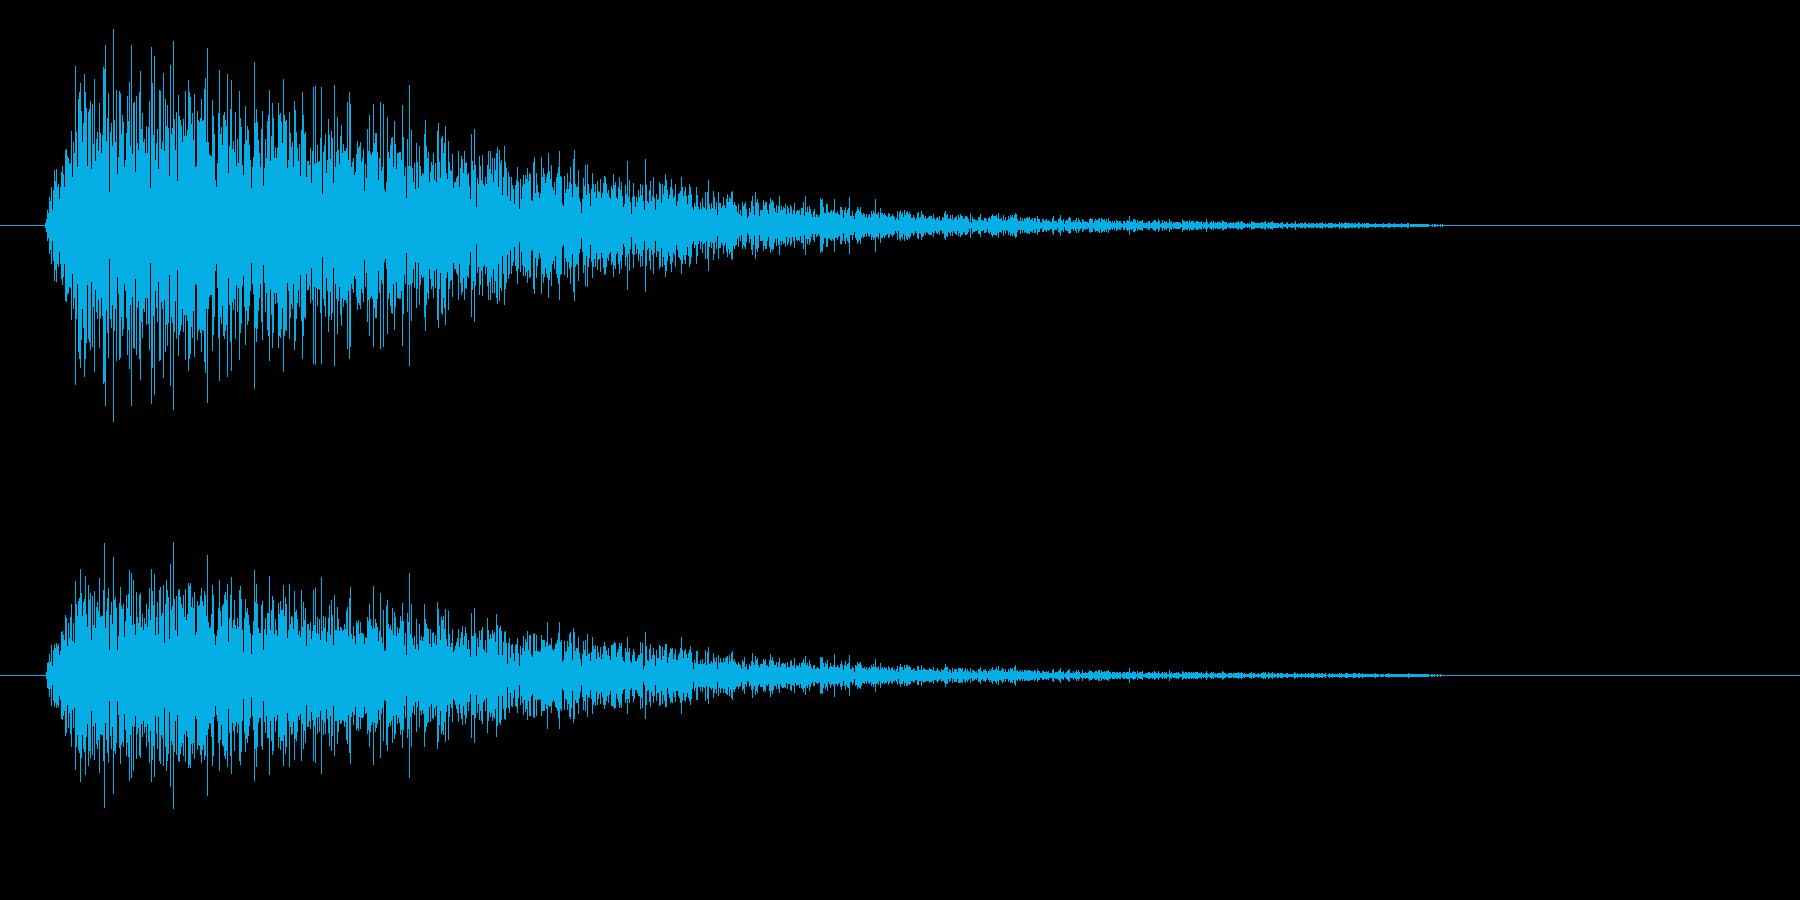 ジンというシンバルの高い音の再生済みの波形